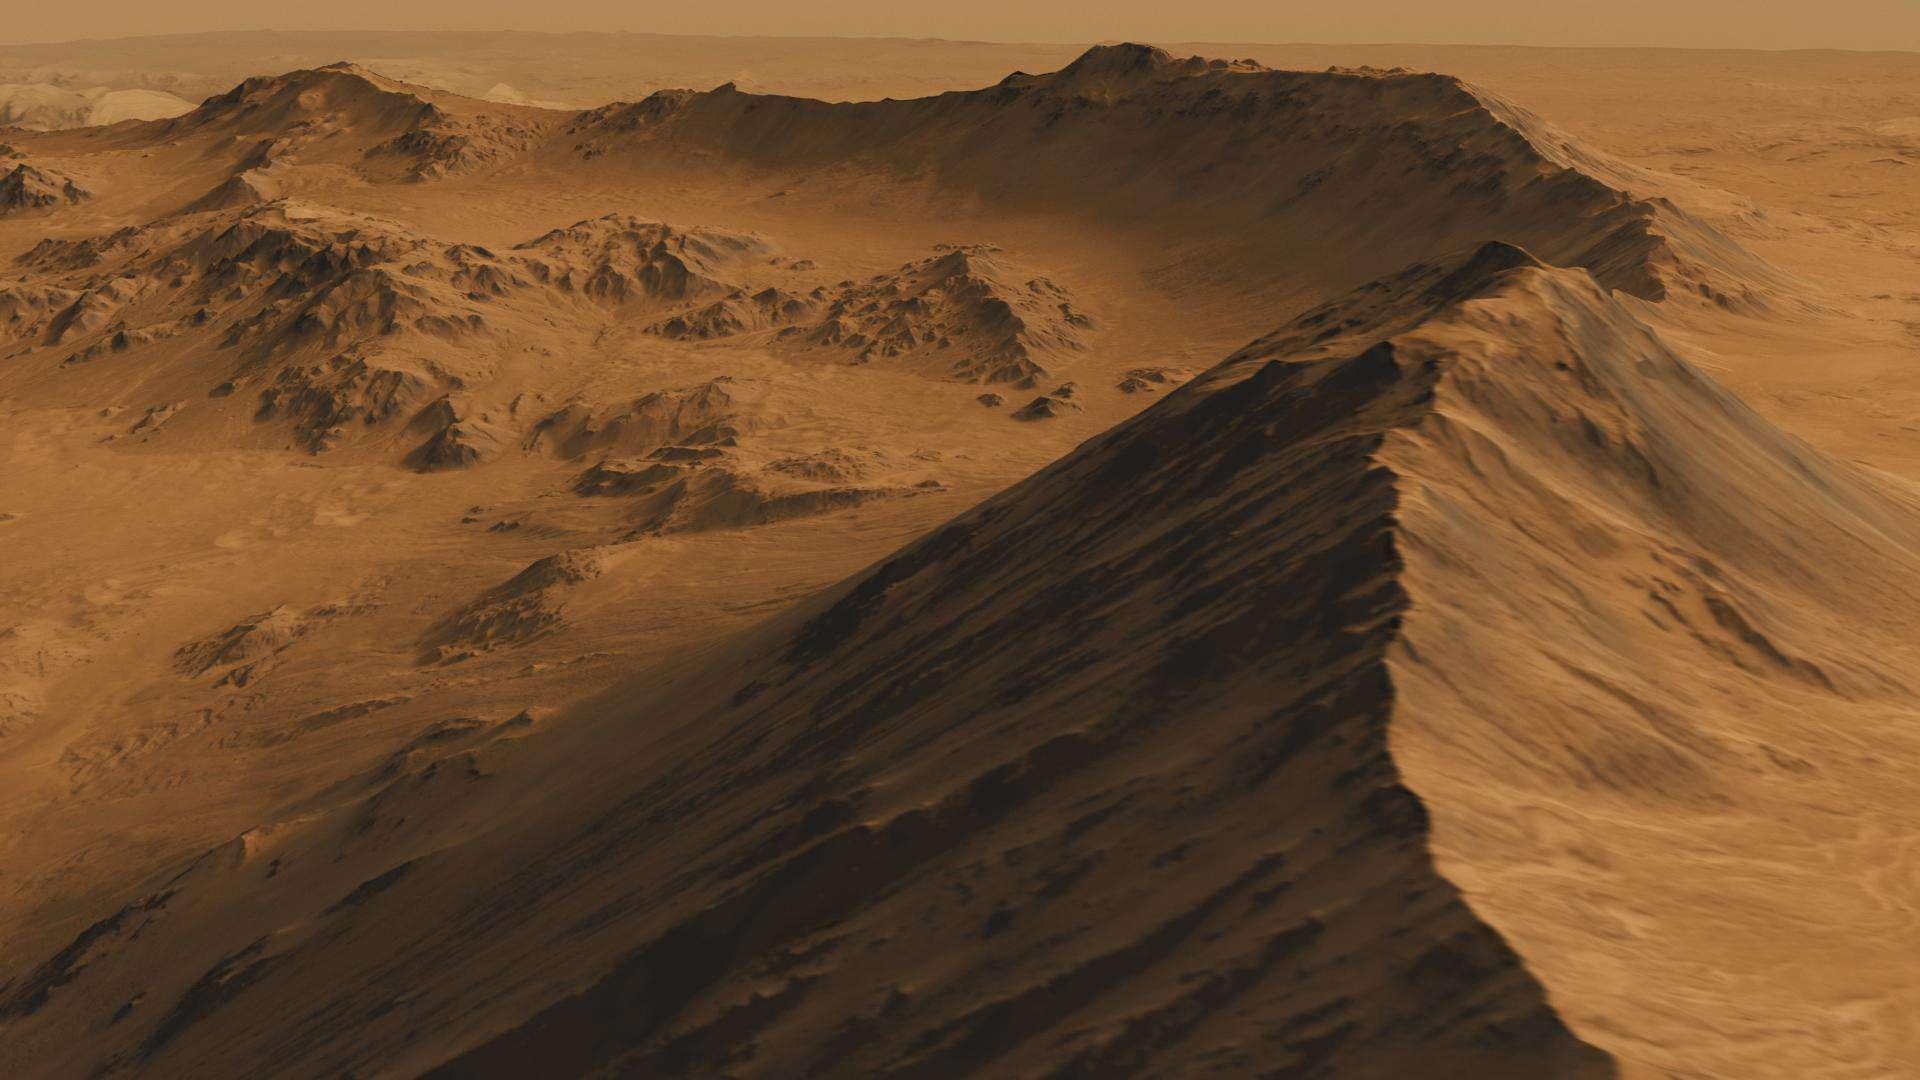 Captura de tela de um filme simulado em alta definição da Mojave Crater em Marte, com base em imagens tiradas pela câmera High Resolution Imaging Science Experiment (HiRISE) na Mars Reconnaissance Orbiter da NASA.